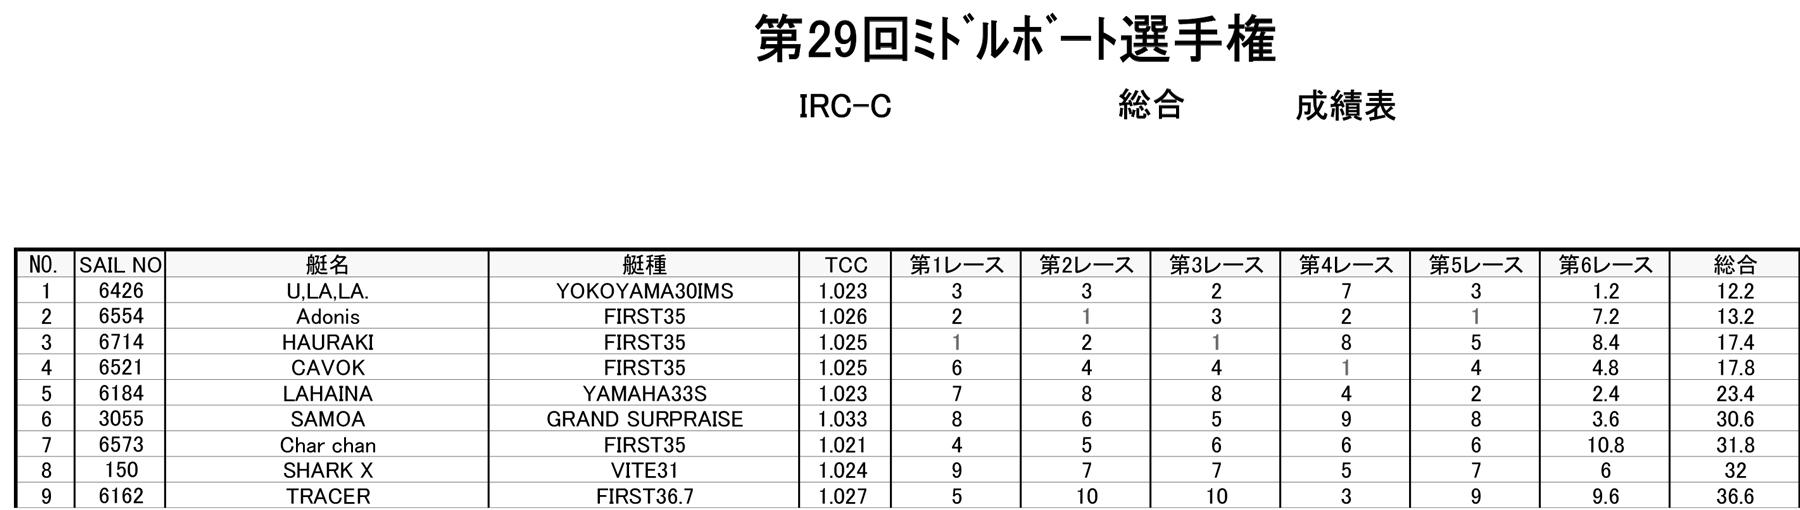 170506_c-total